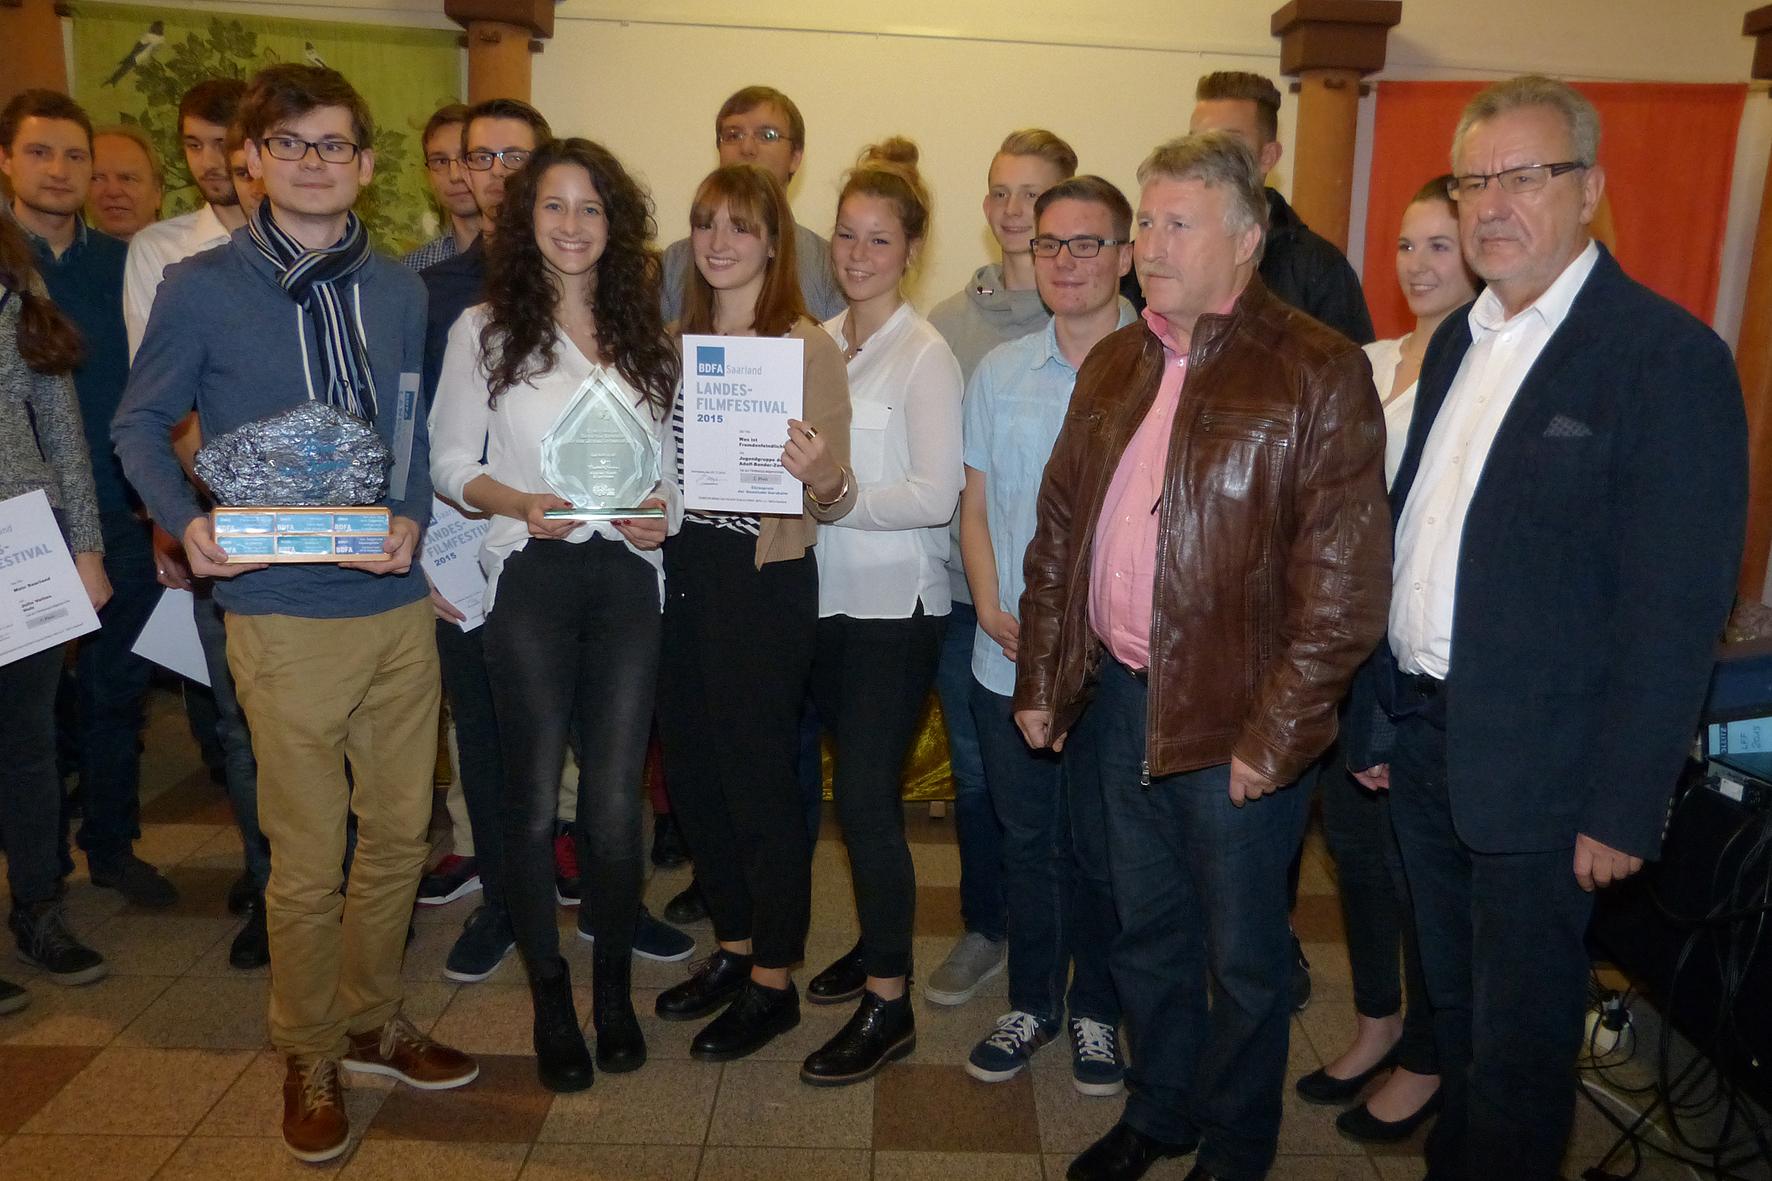 Landesfilmfestival Preisverleihung